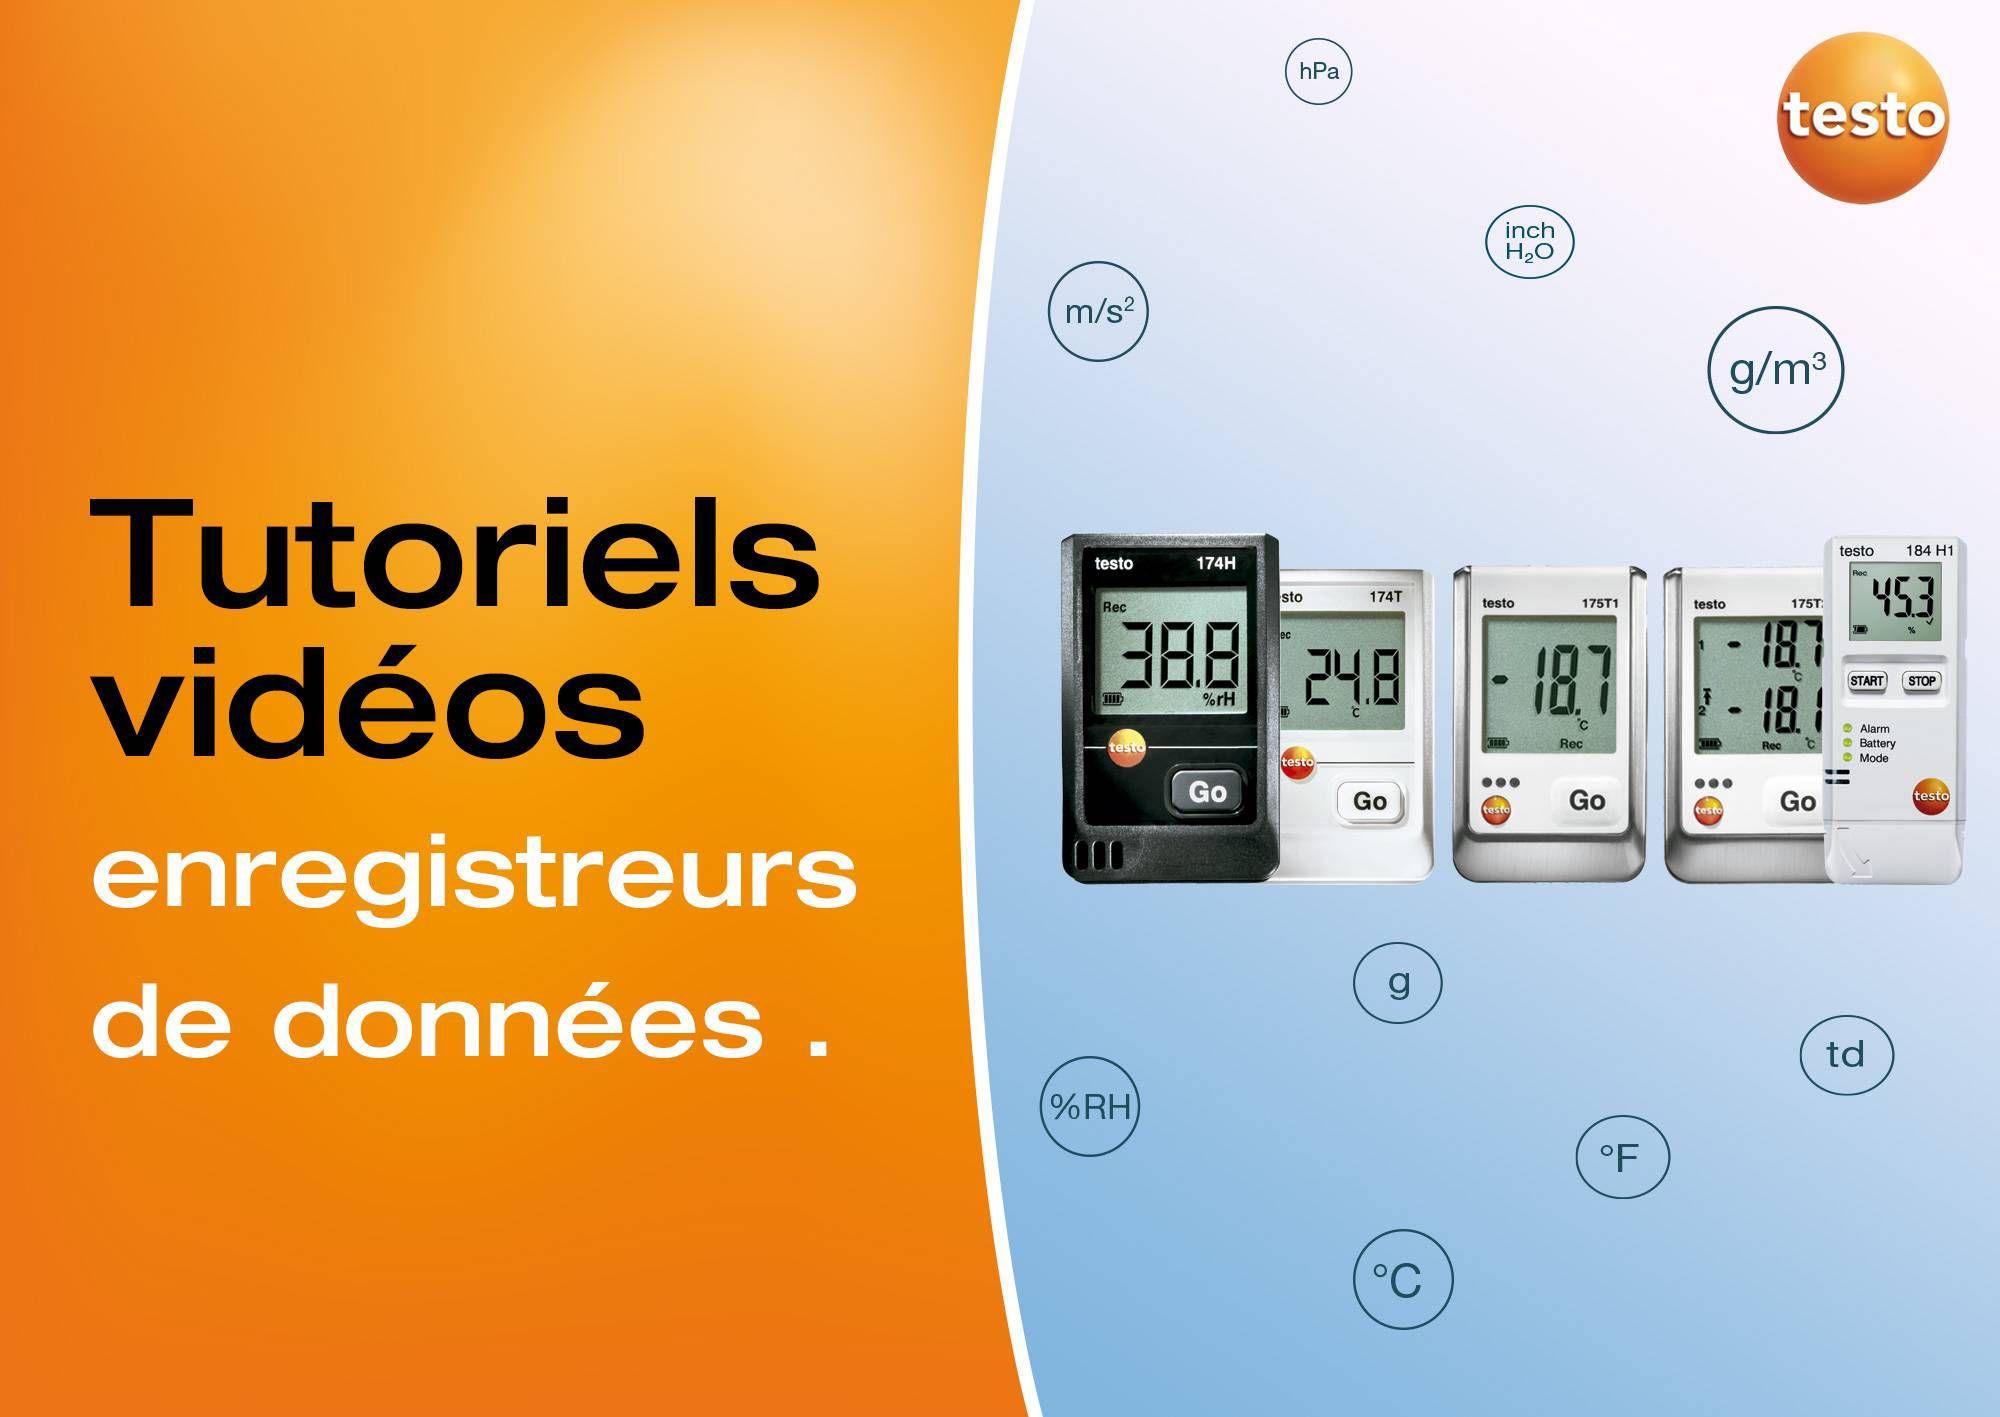 Tutoriels vidéos enregistreurs de données testo